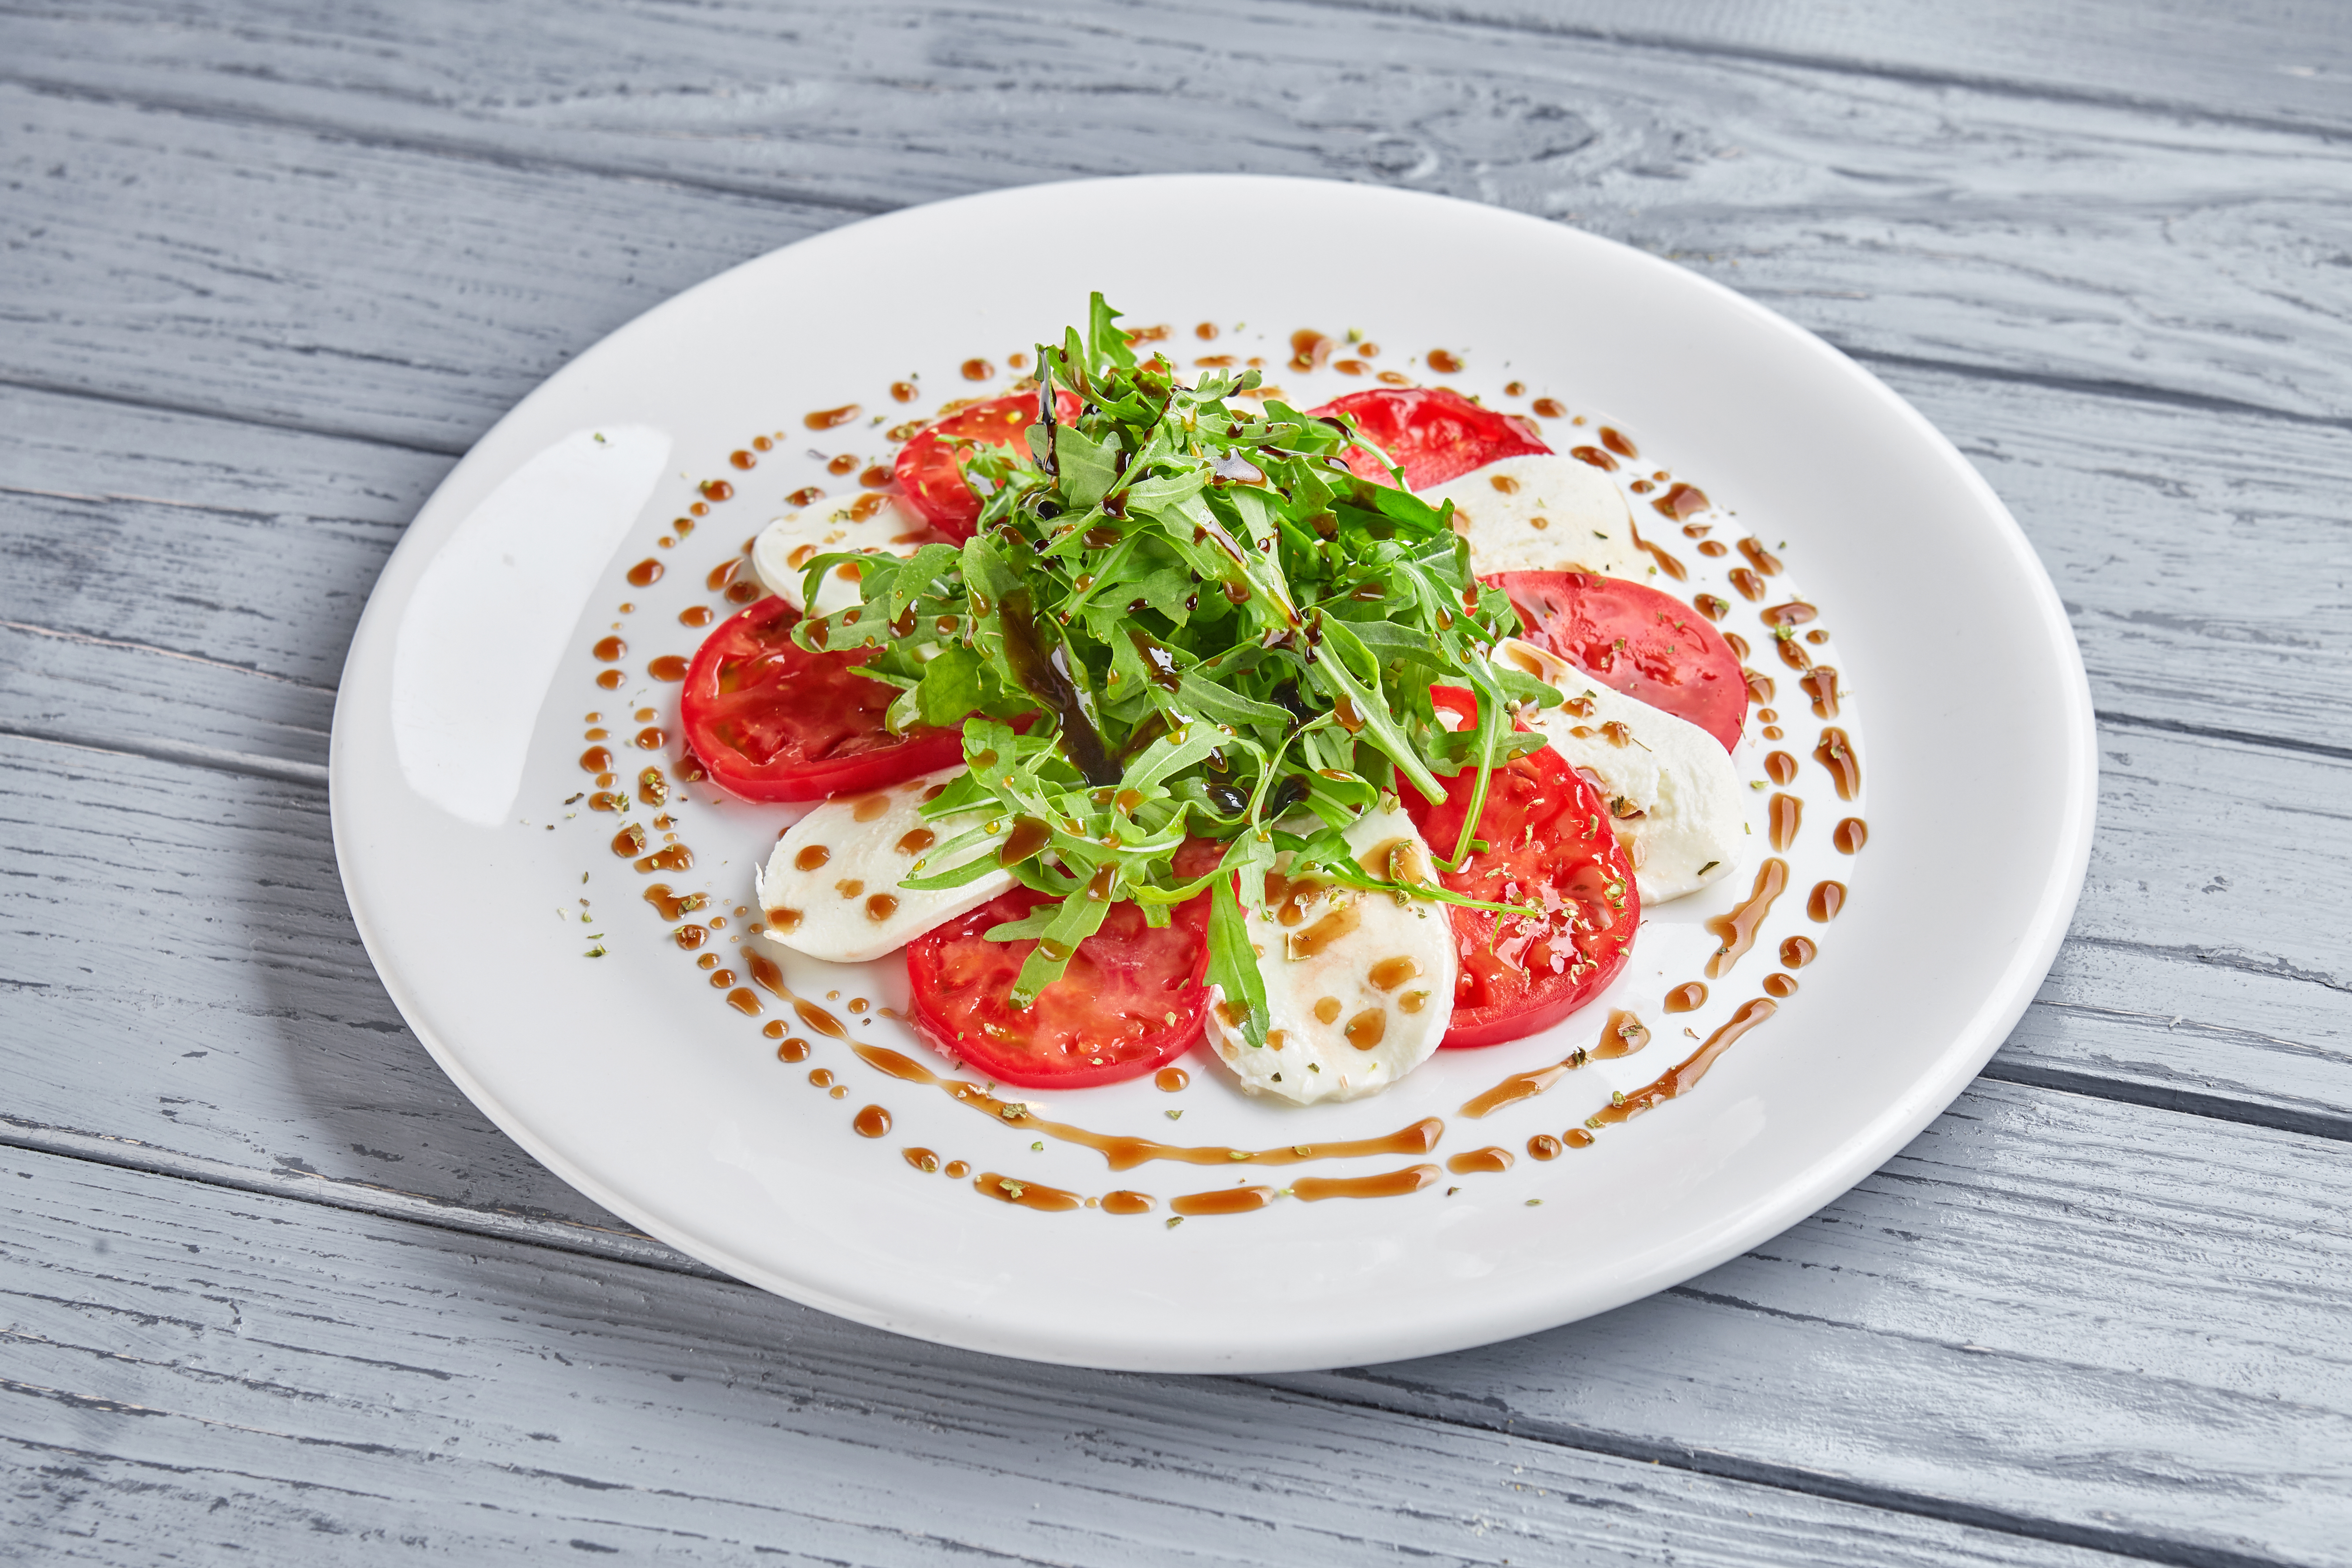 Капрезе сыр Моцарелла с томатами, хрустящей рукколой и соусом из медового бальзамика